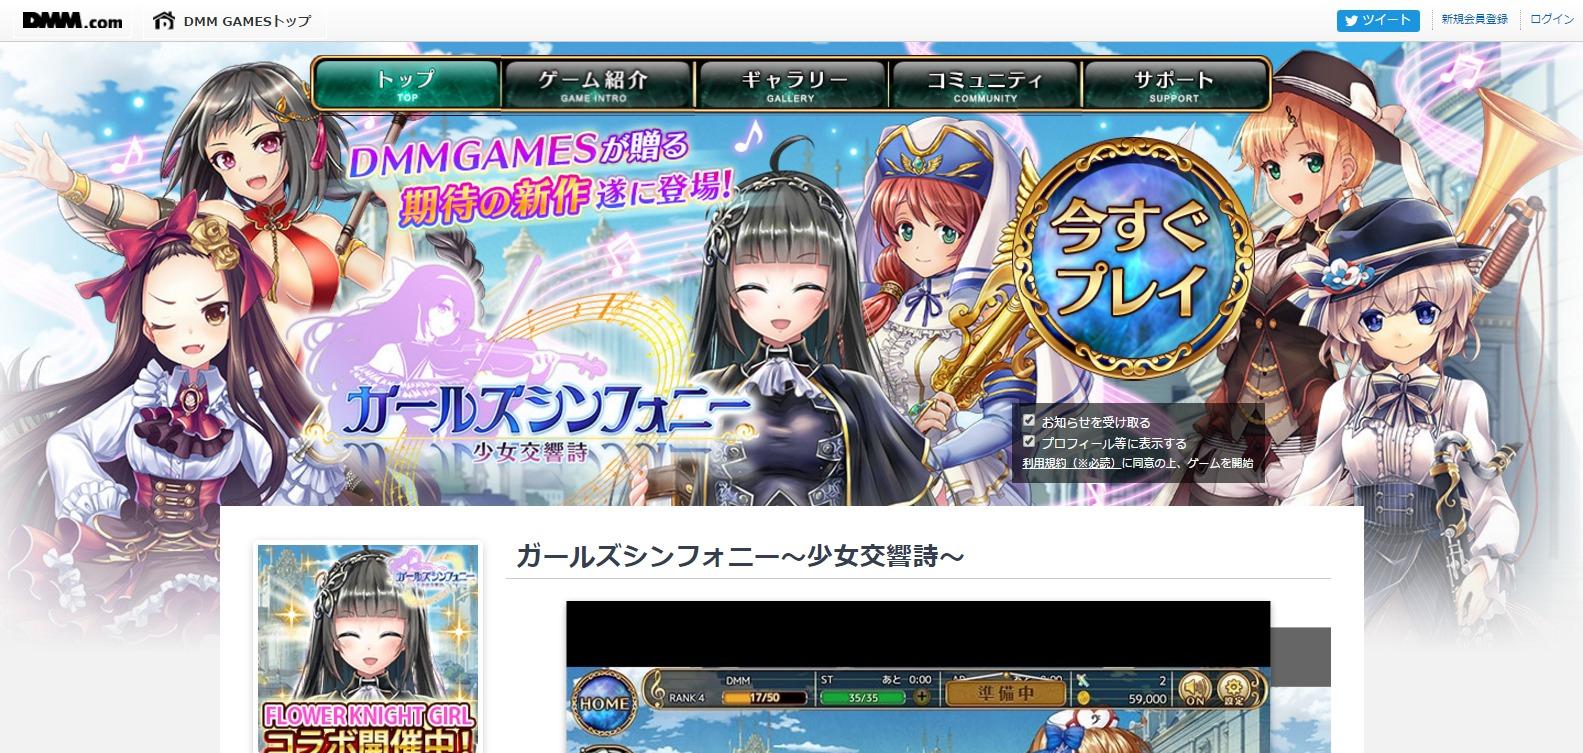 ガールズシンフォニー~少女交響詩~ オンラインゲーム DMM GAMES